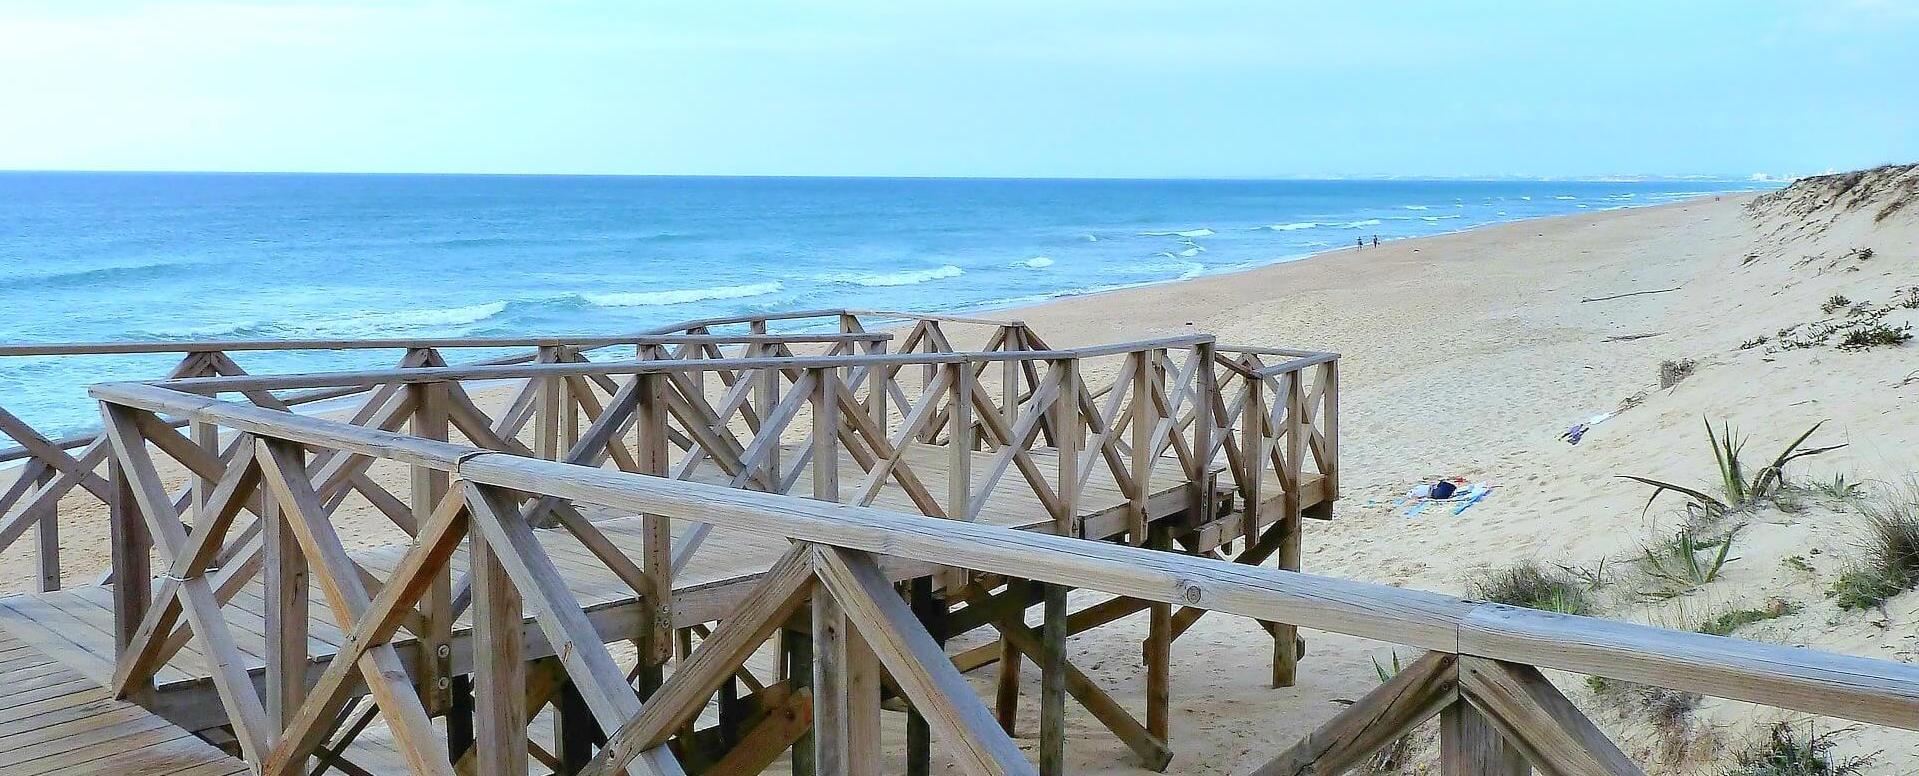 The Beaches - Algarve